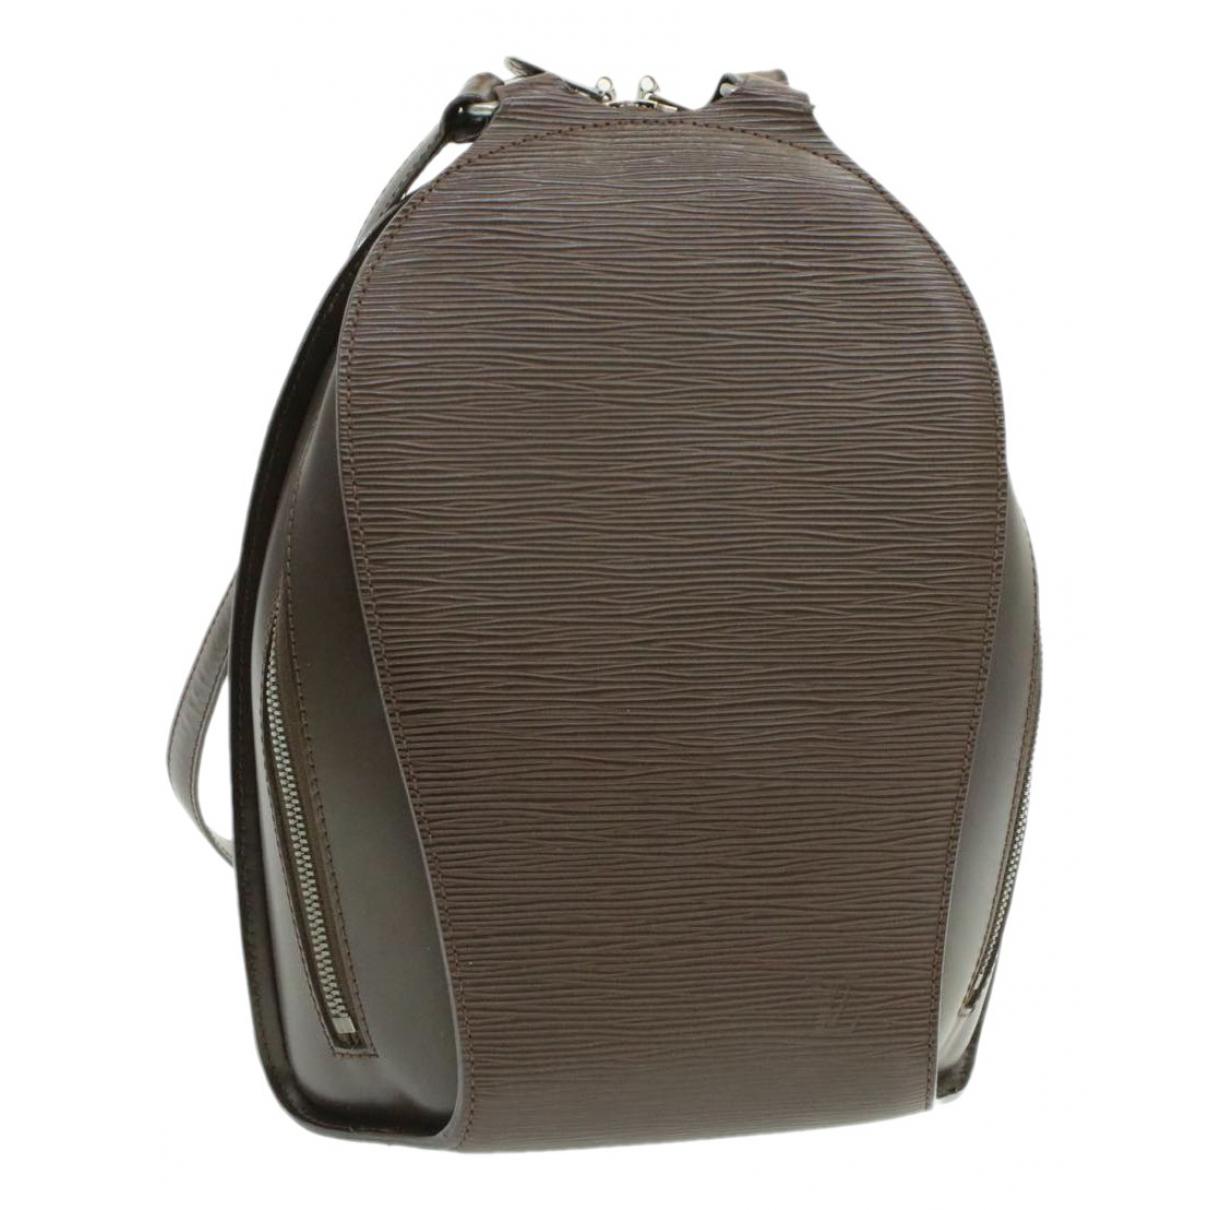 Louis Vuitton - Sac a dos Mabillon pour femme en cuir - marron